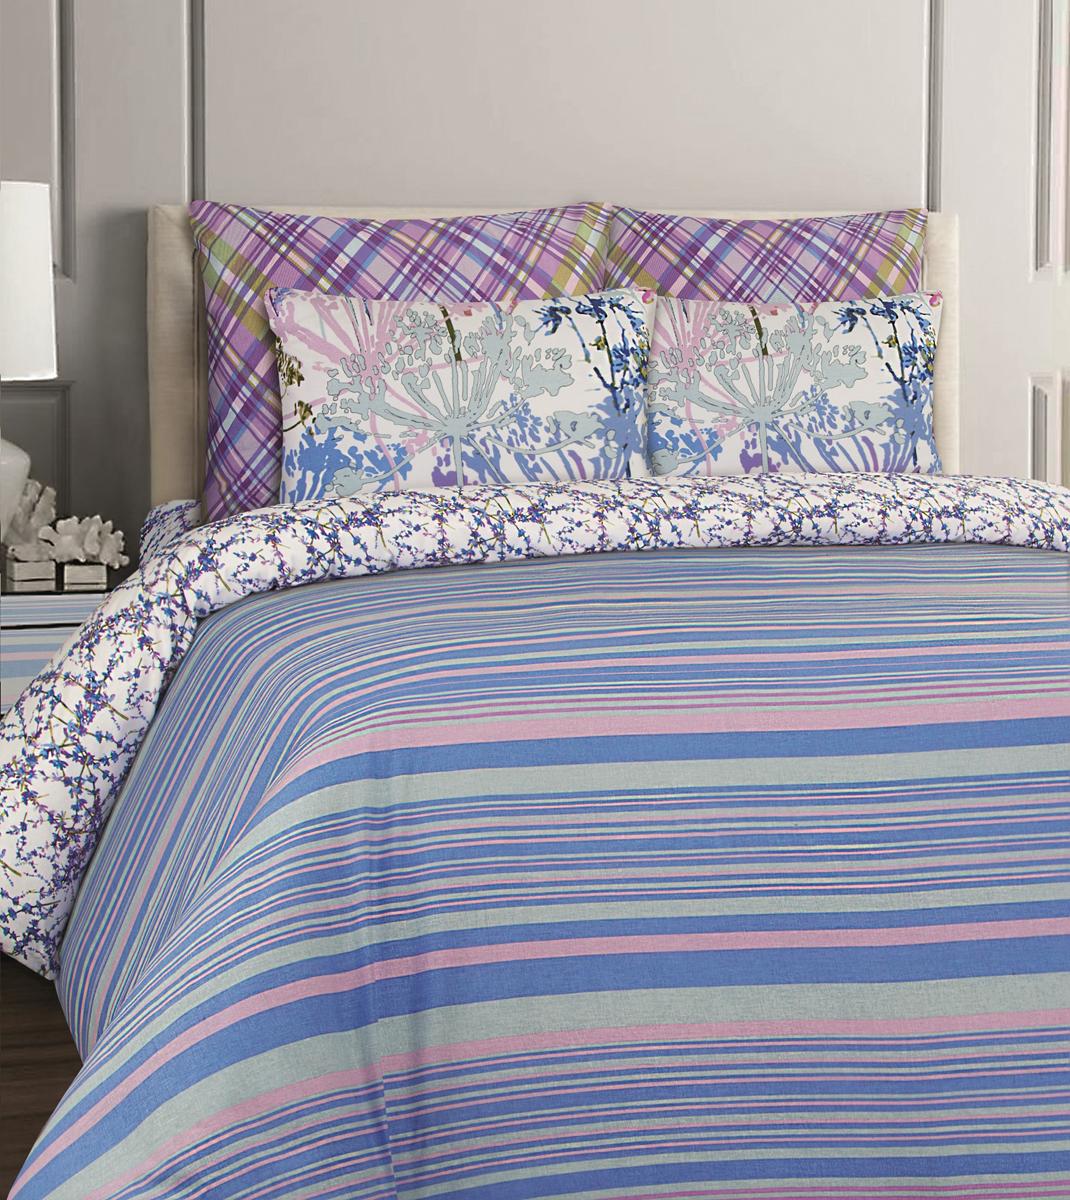 Комплект белья Mona Liza British Cheshir, 2-спальный, наволочки 70x70. 552203-70 комплекты белья